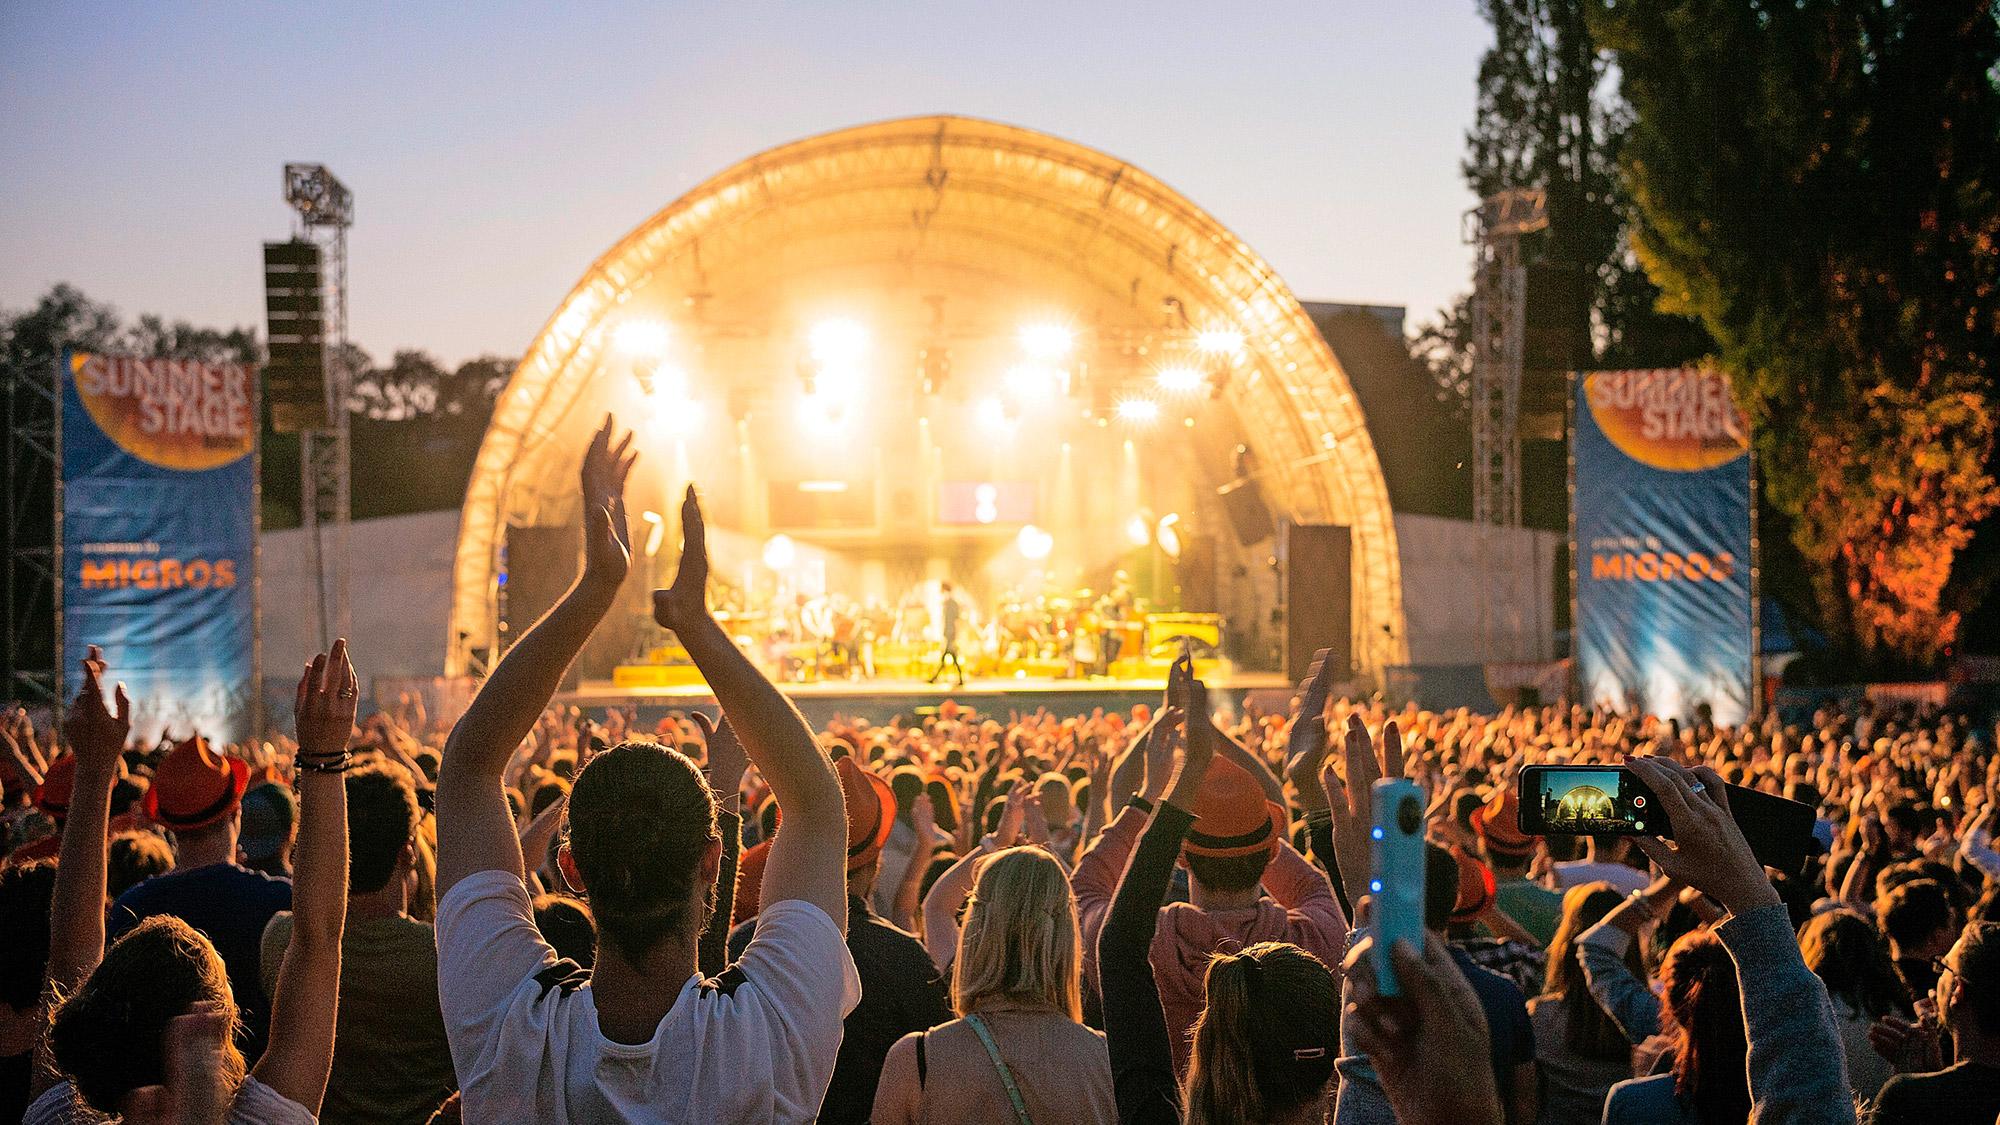 Festival Sommer 2018 Open Airs Und Mehr Spass Unter